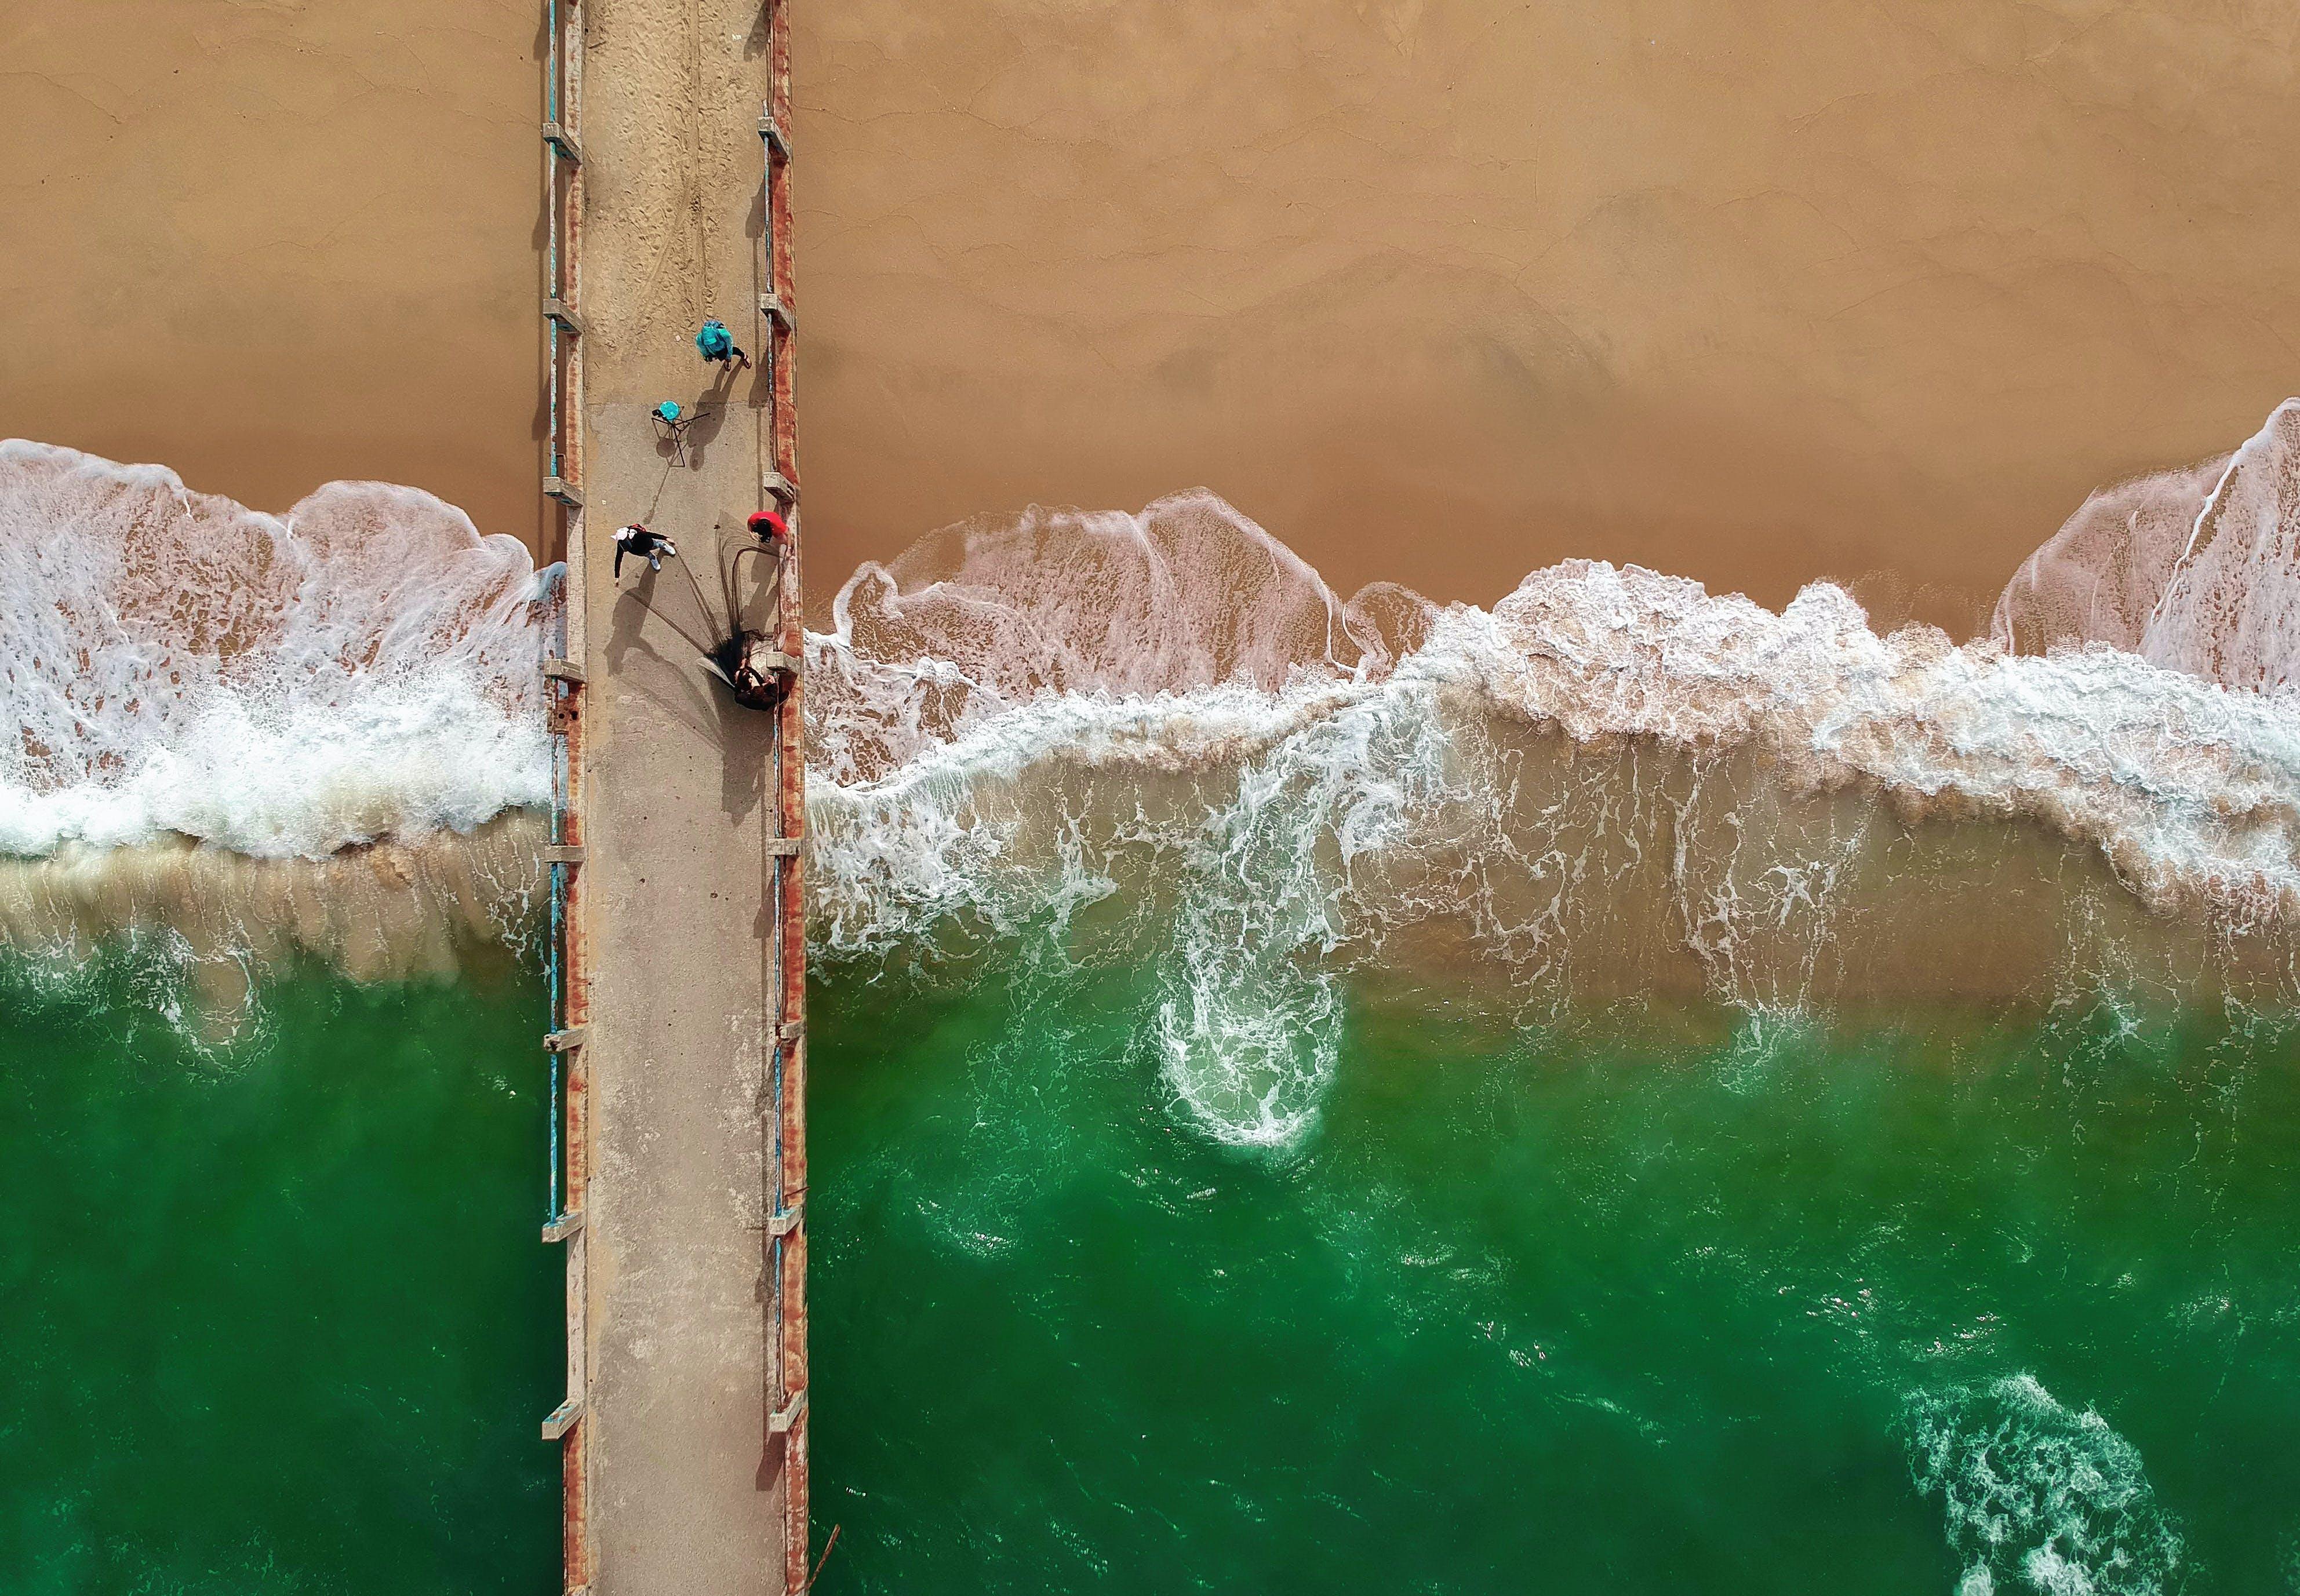 Bird's Eye View of People On Boardwalk